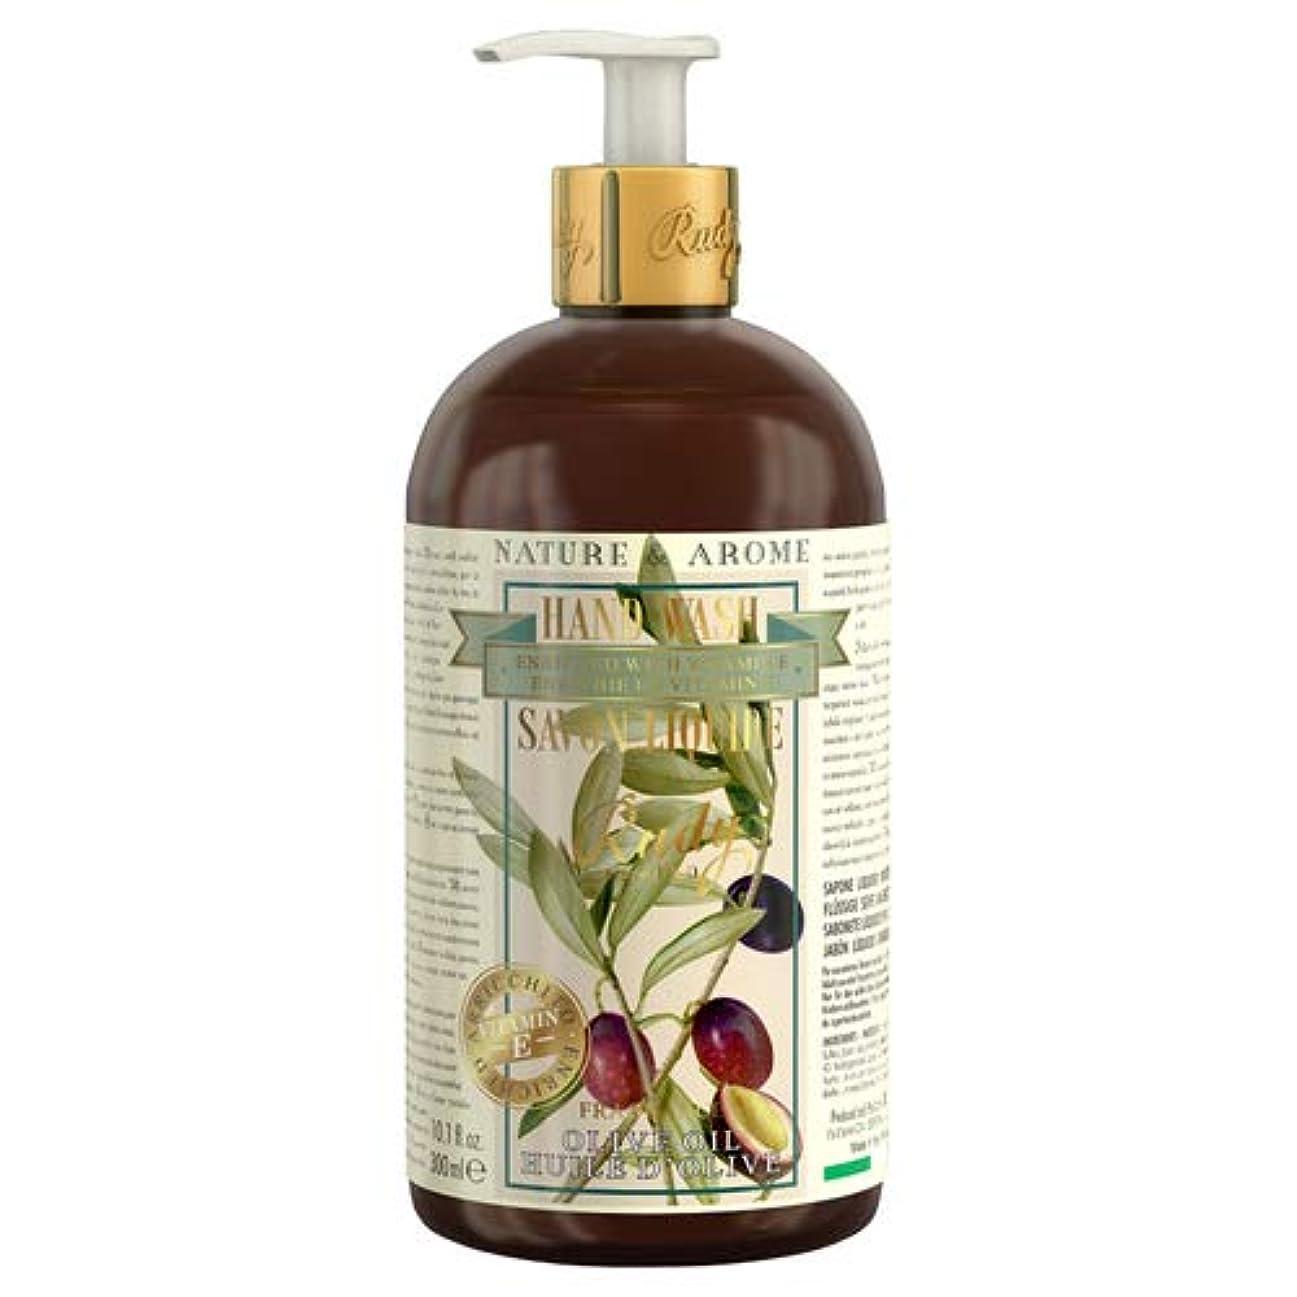 クリーム延ばすデータベースRUDY Nature&Arome Apothecary ネイチャーアロマ アポセカリー Hand Wash ハンドウォッシュ(ボディソープ) Olive Oil オリーブオイル